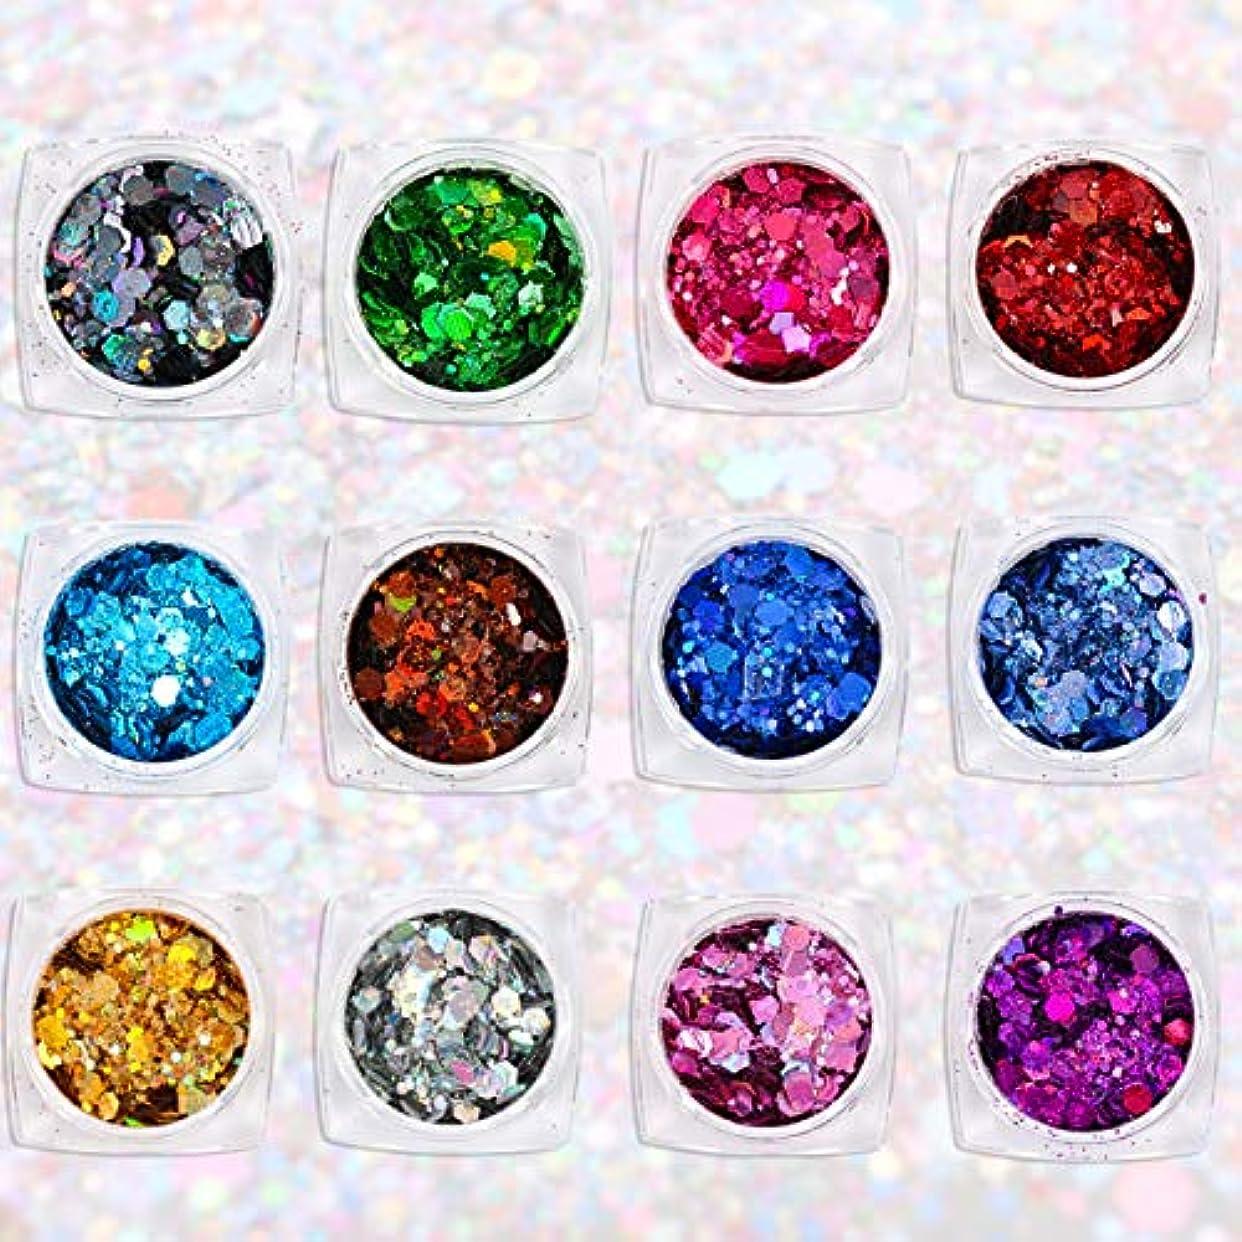 体敬の念カウンタWadachikis 有益な12色レーザー六角形のスパンコール爪きらめき粉砂の携帯電話シェルの工芸品特別なきらめきパウダーグリッタースパンコール